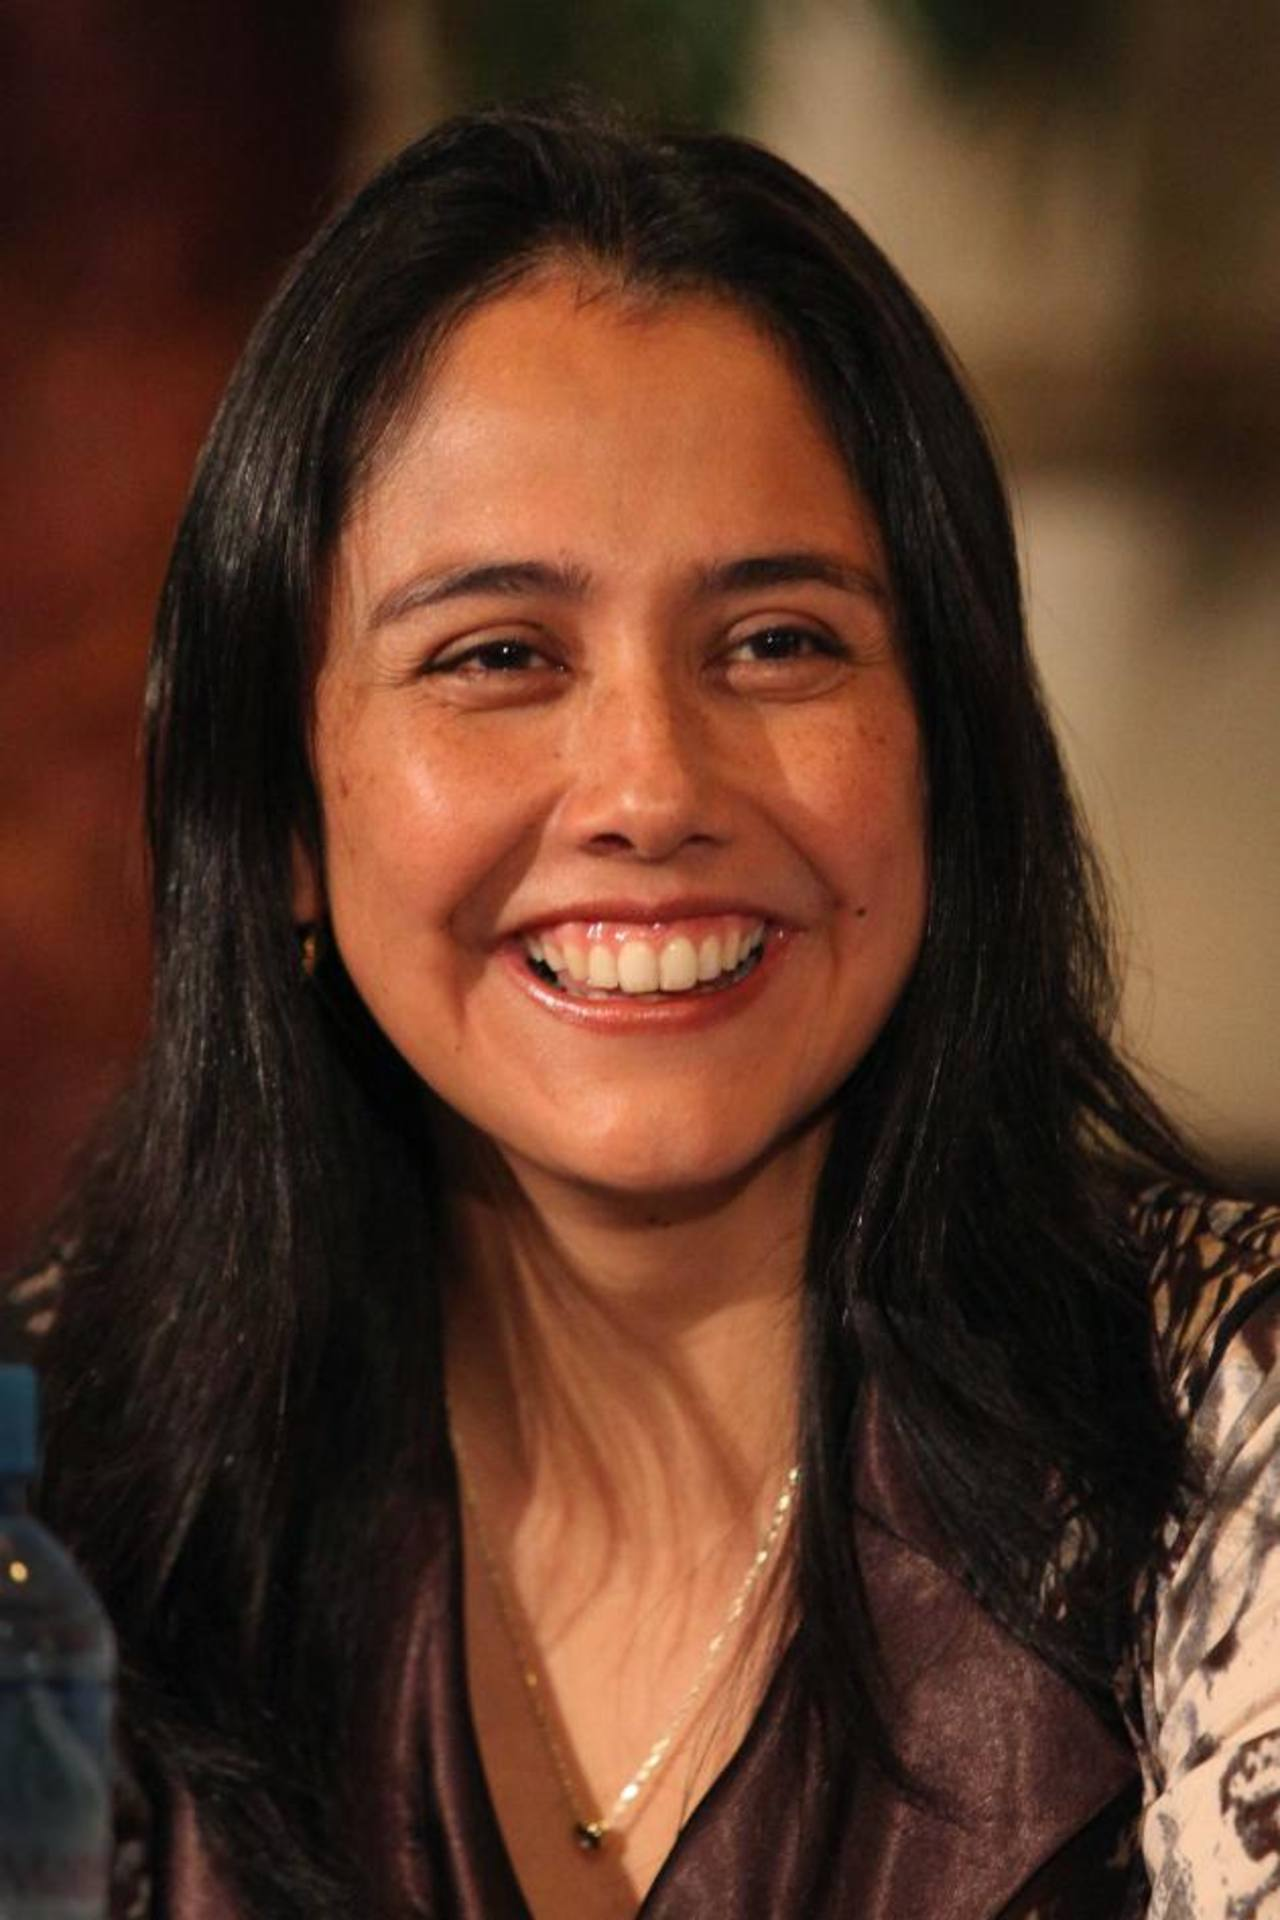 La primera dama, Nadine Heredia, no ha dado declaraciones, según LaRepública.pe.